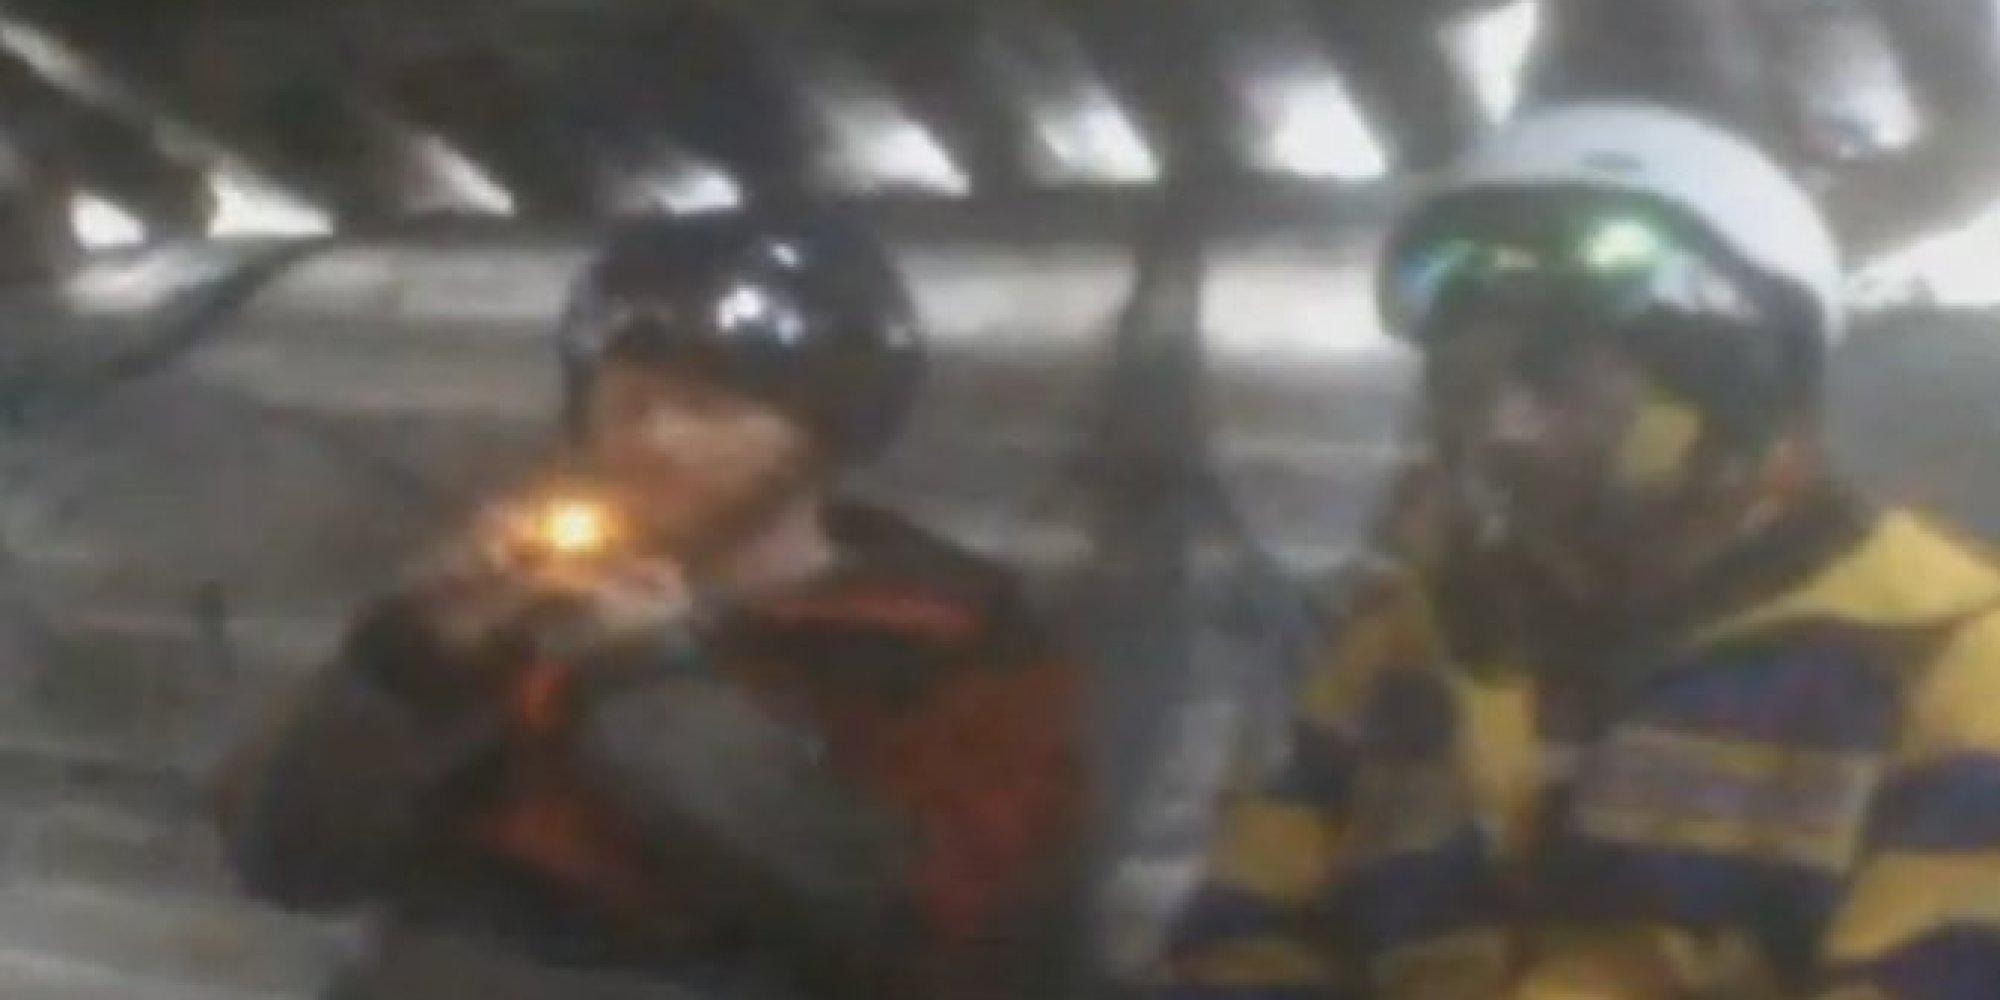 Breckenridge Ski Resort Pot Smoking Shack Blown Up After